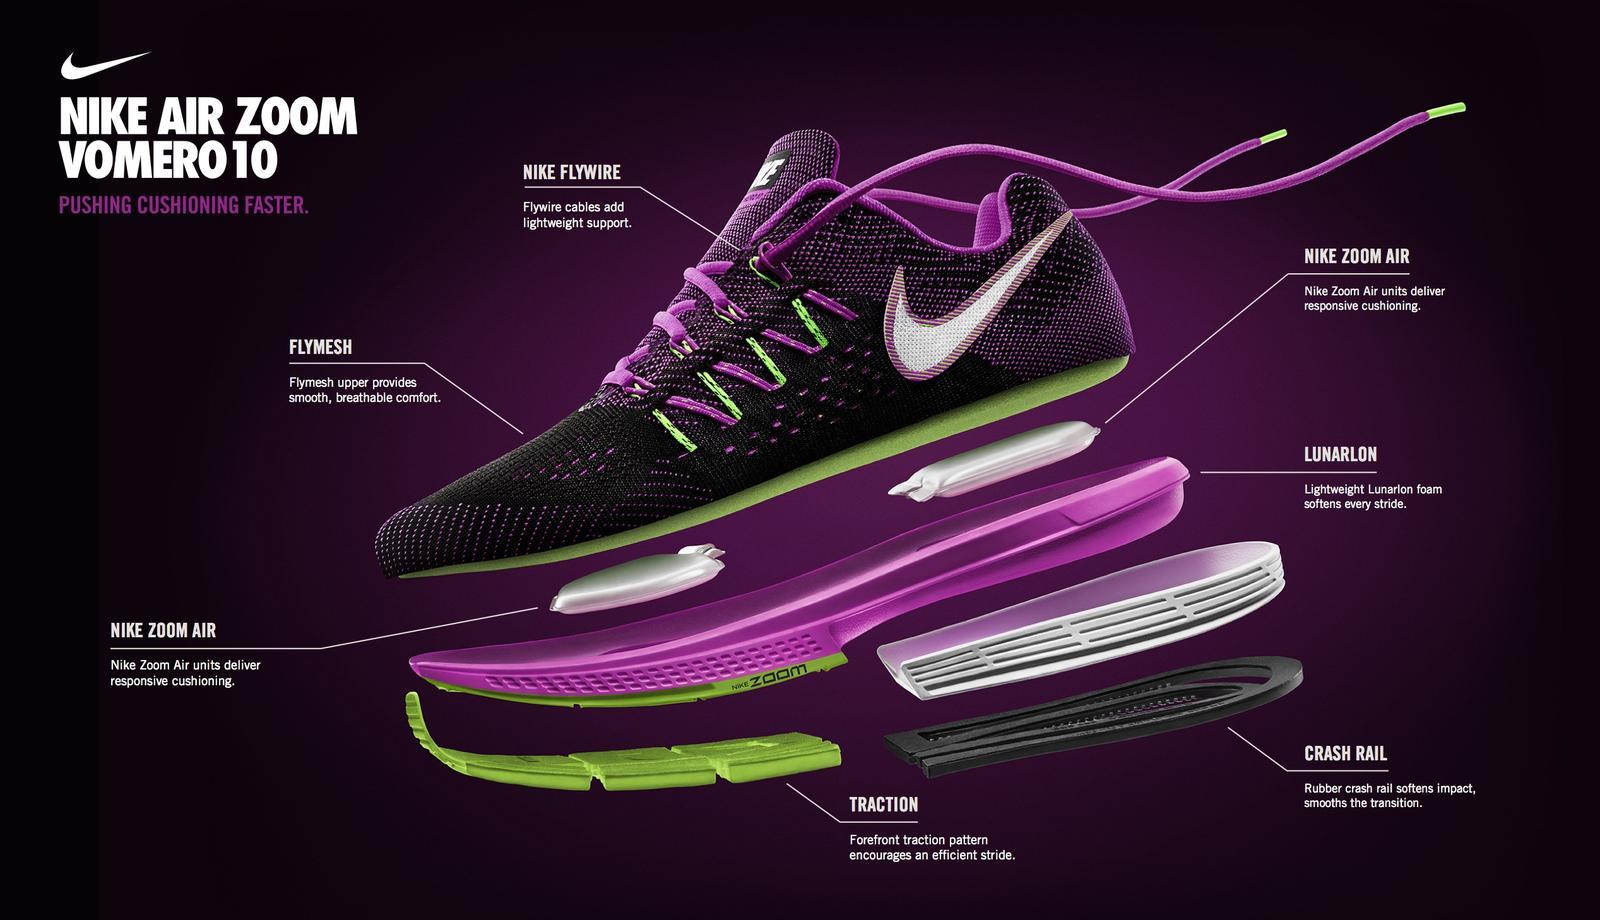 faire du shopping jeu confortable Nike Zoom Air Vomero 10 Pantip Blueplanet vente pas cher à bas prix achat NJxXUjbTS